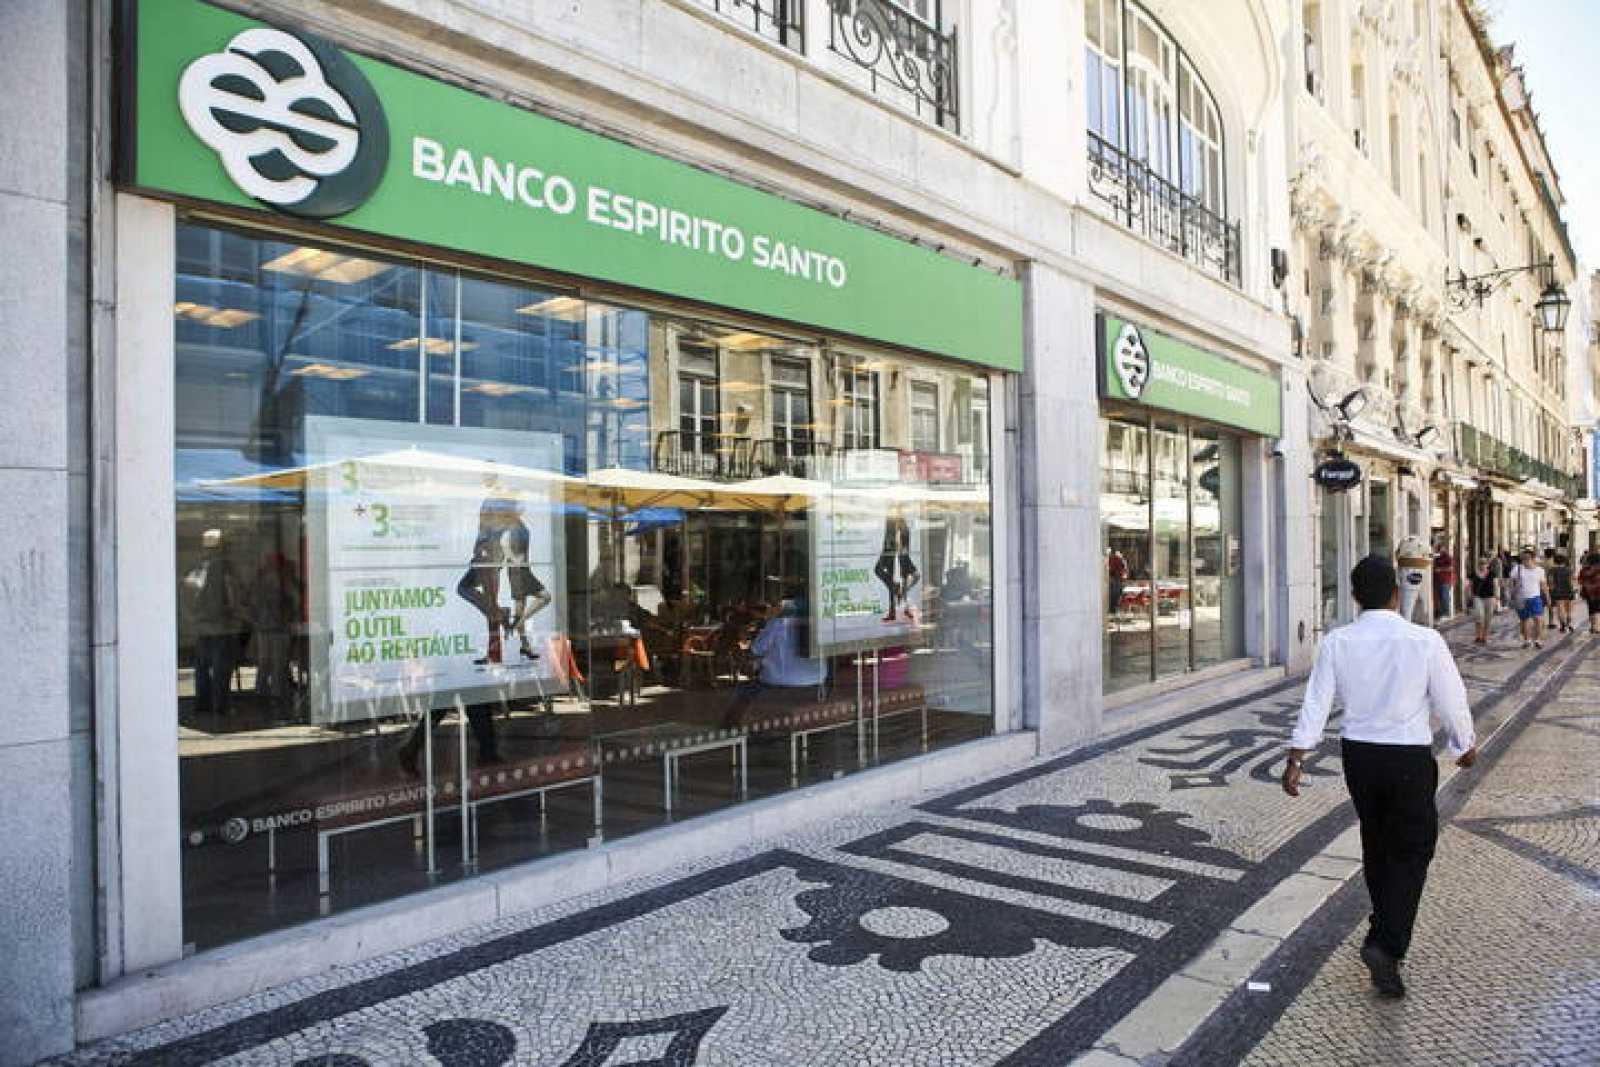 Passos Coelho asegura que no hay riesgo para los clientes del Banco Espirito Santo